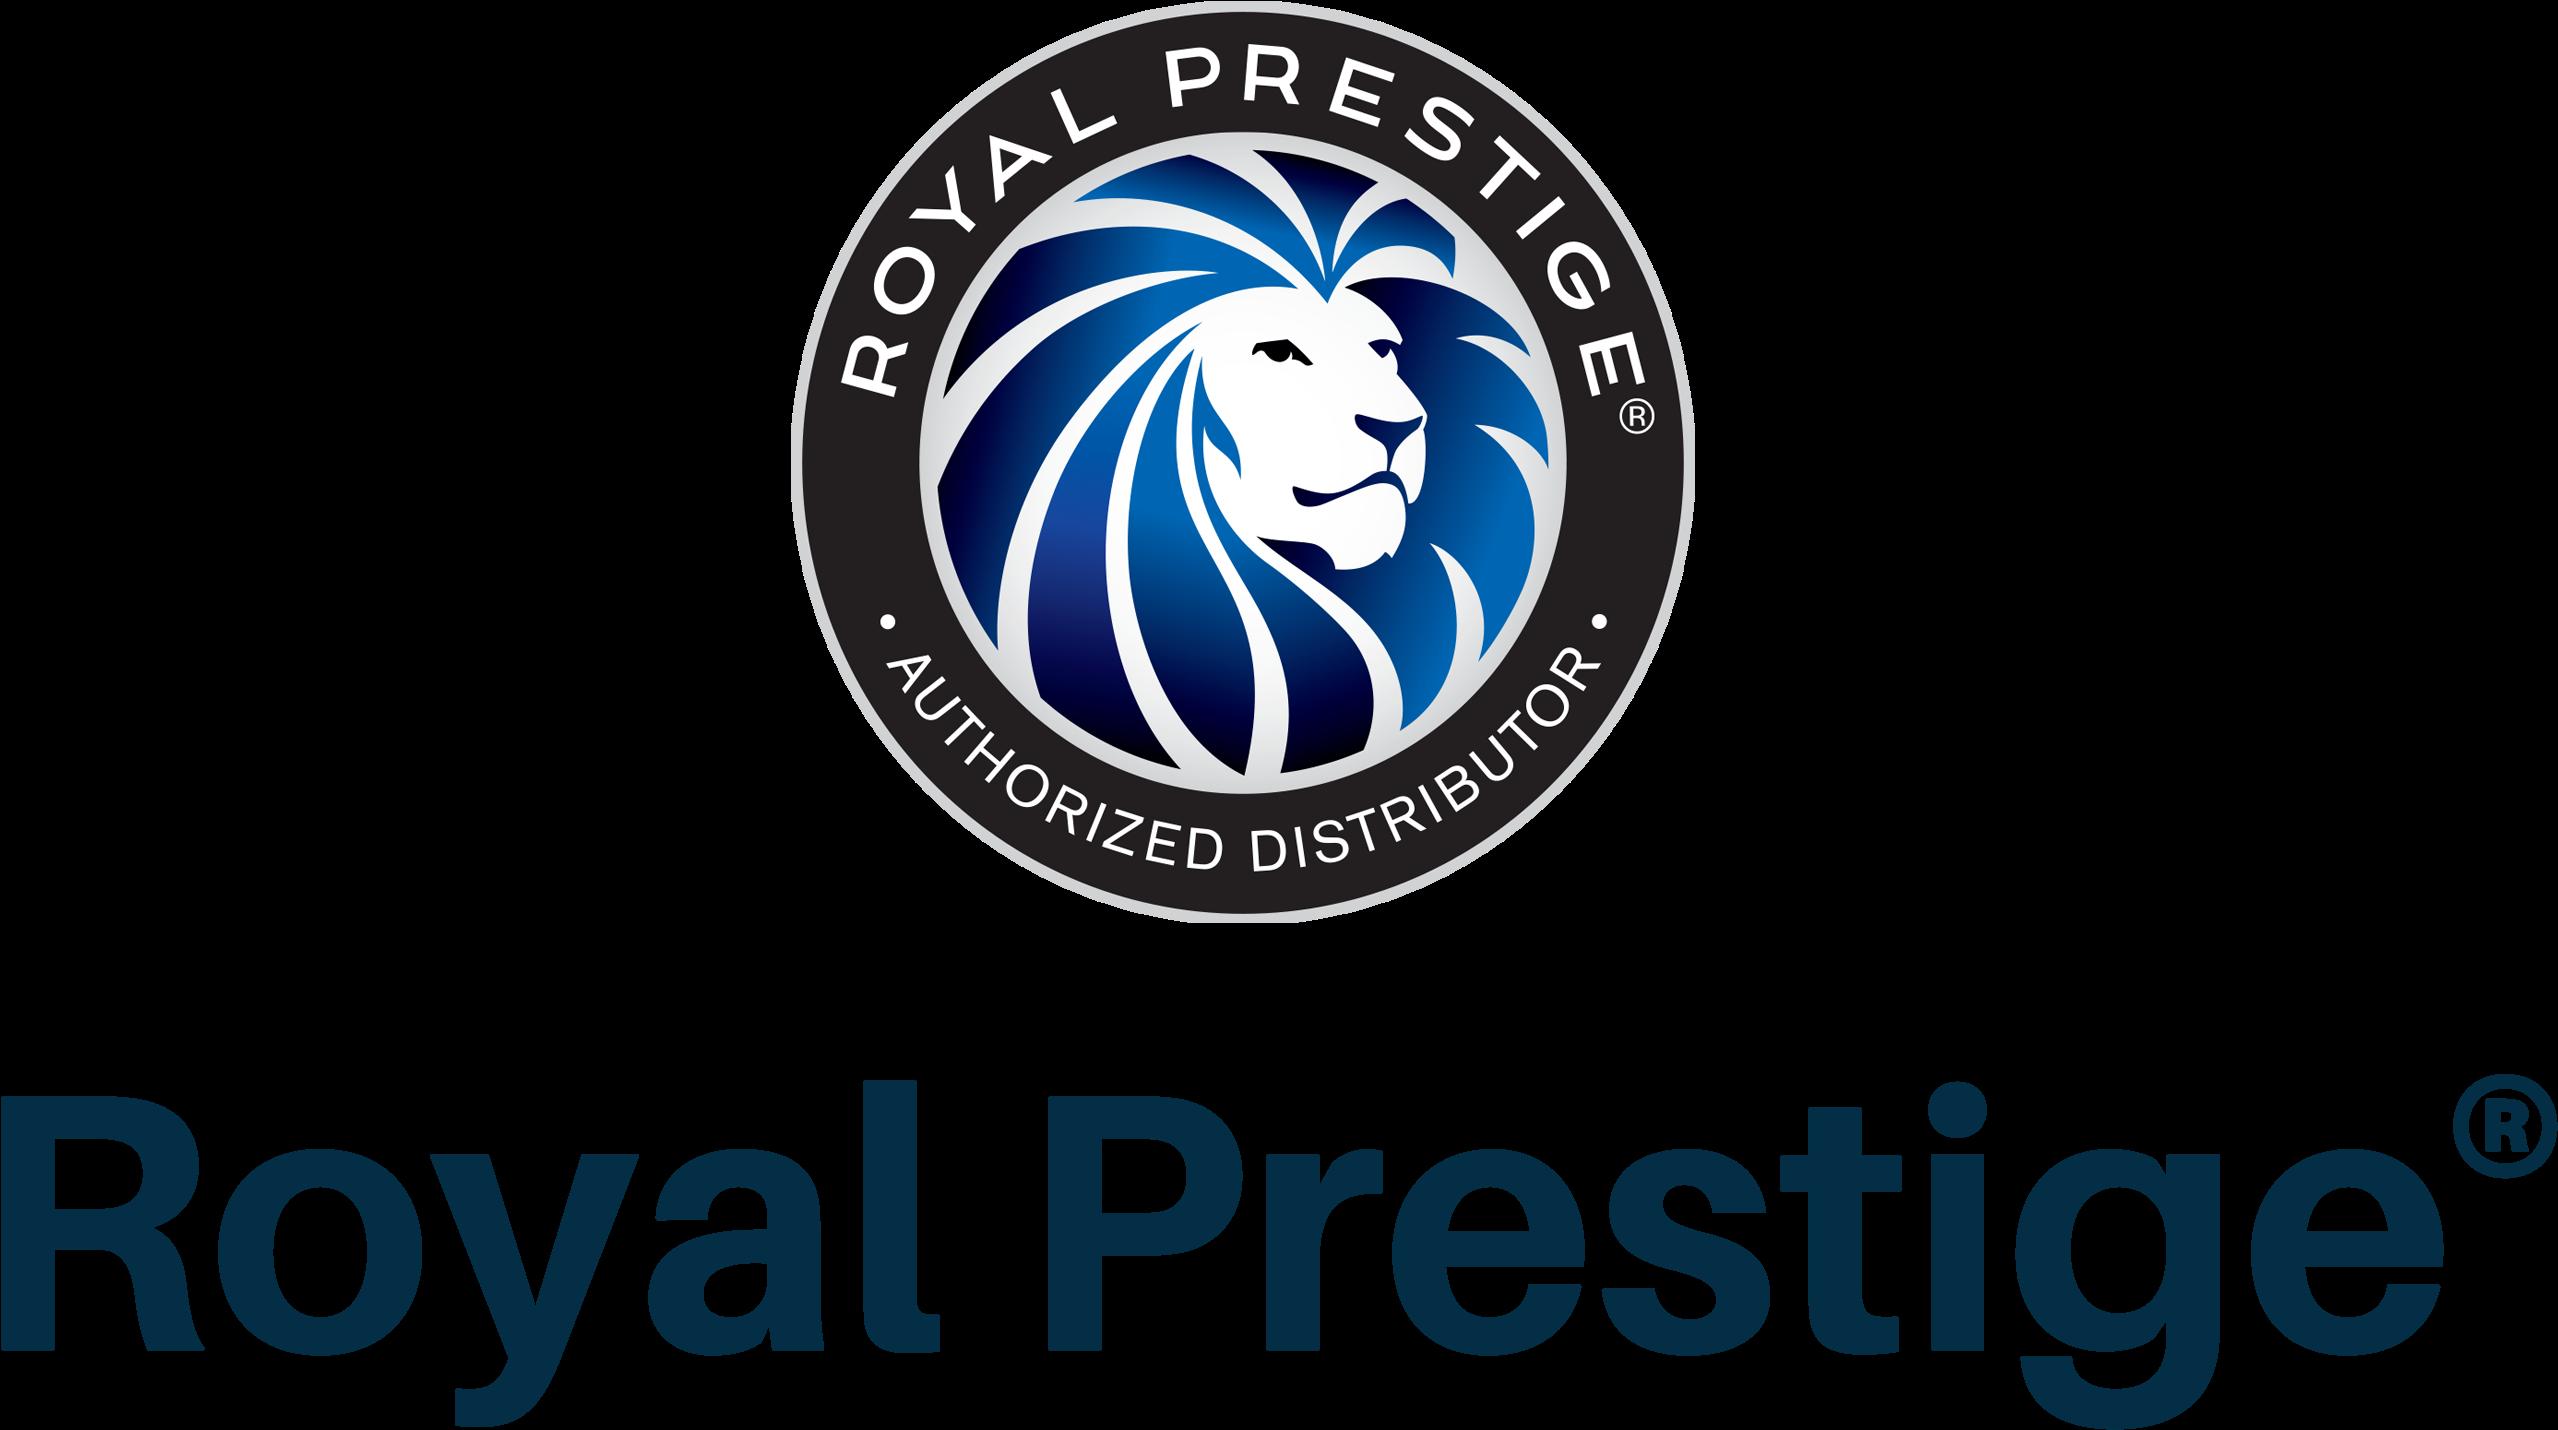 HD Royal Prestige Logo Png.